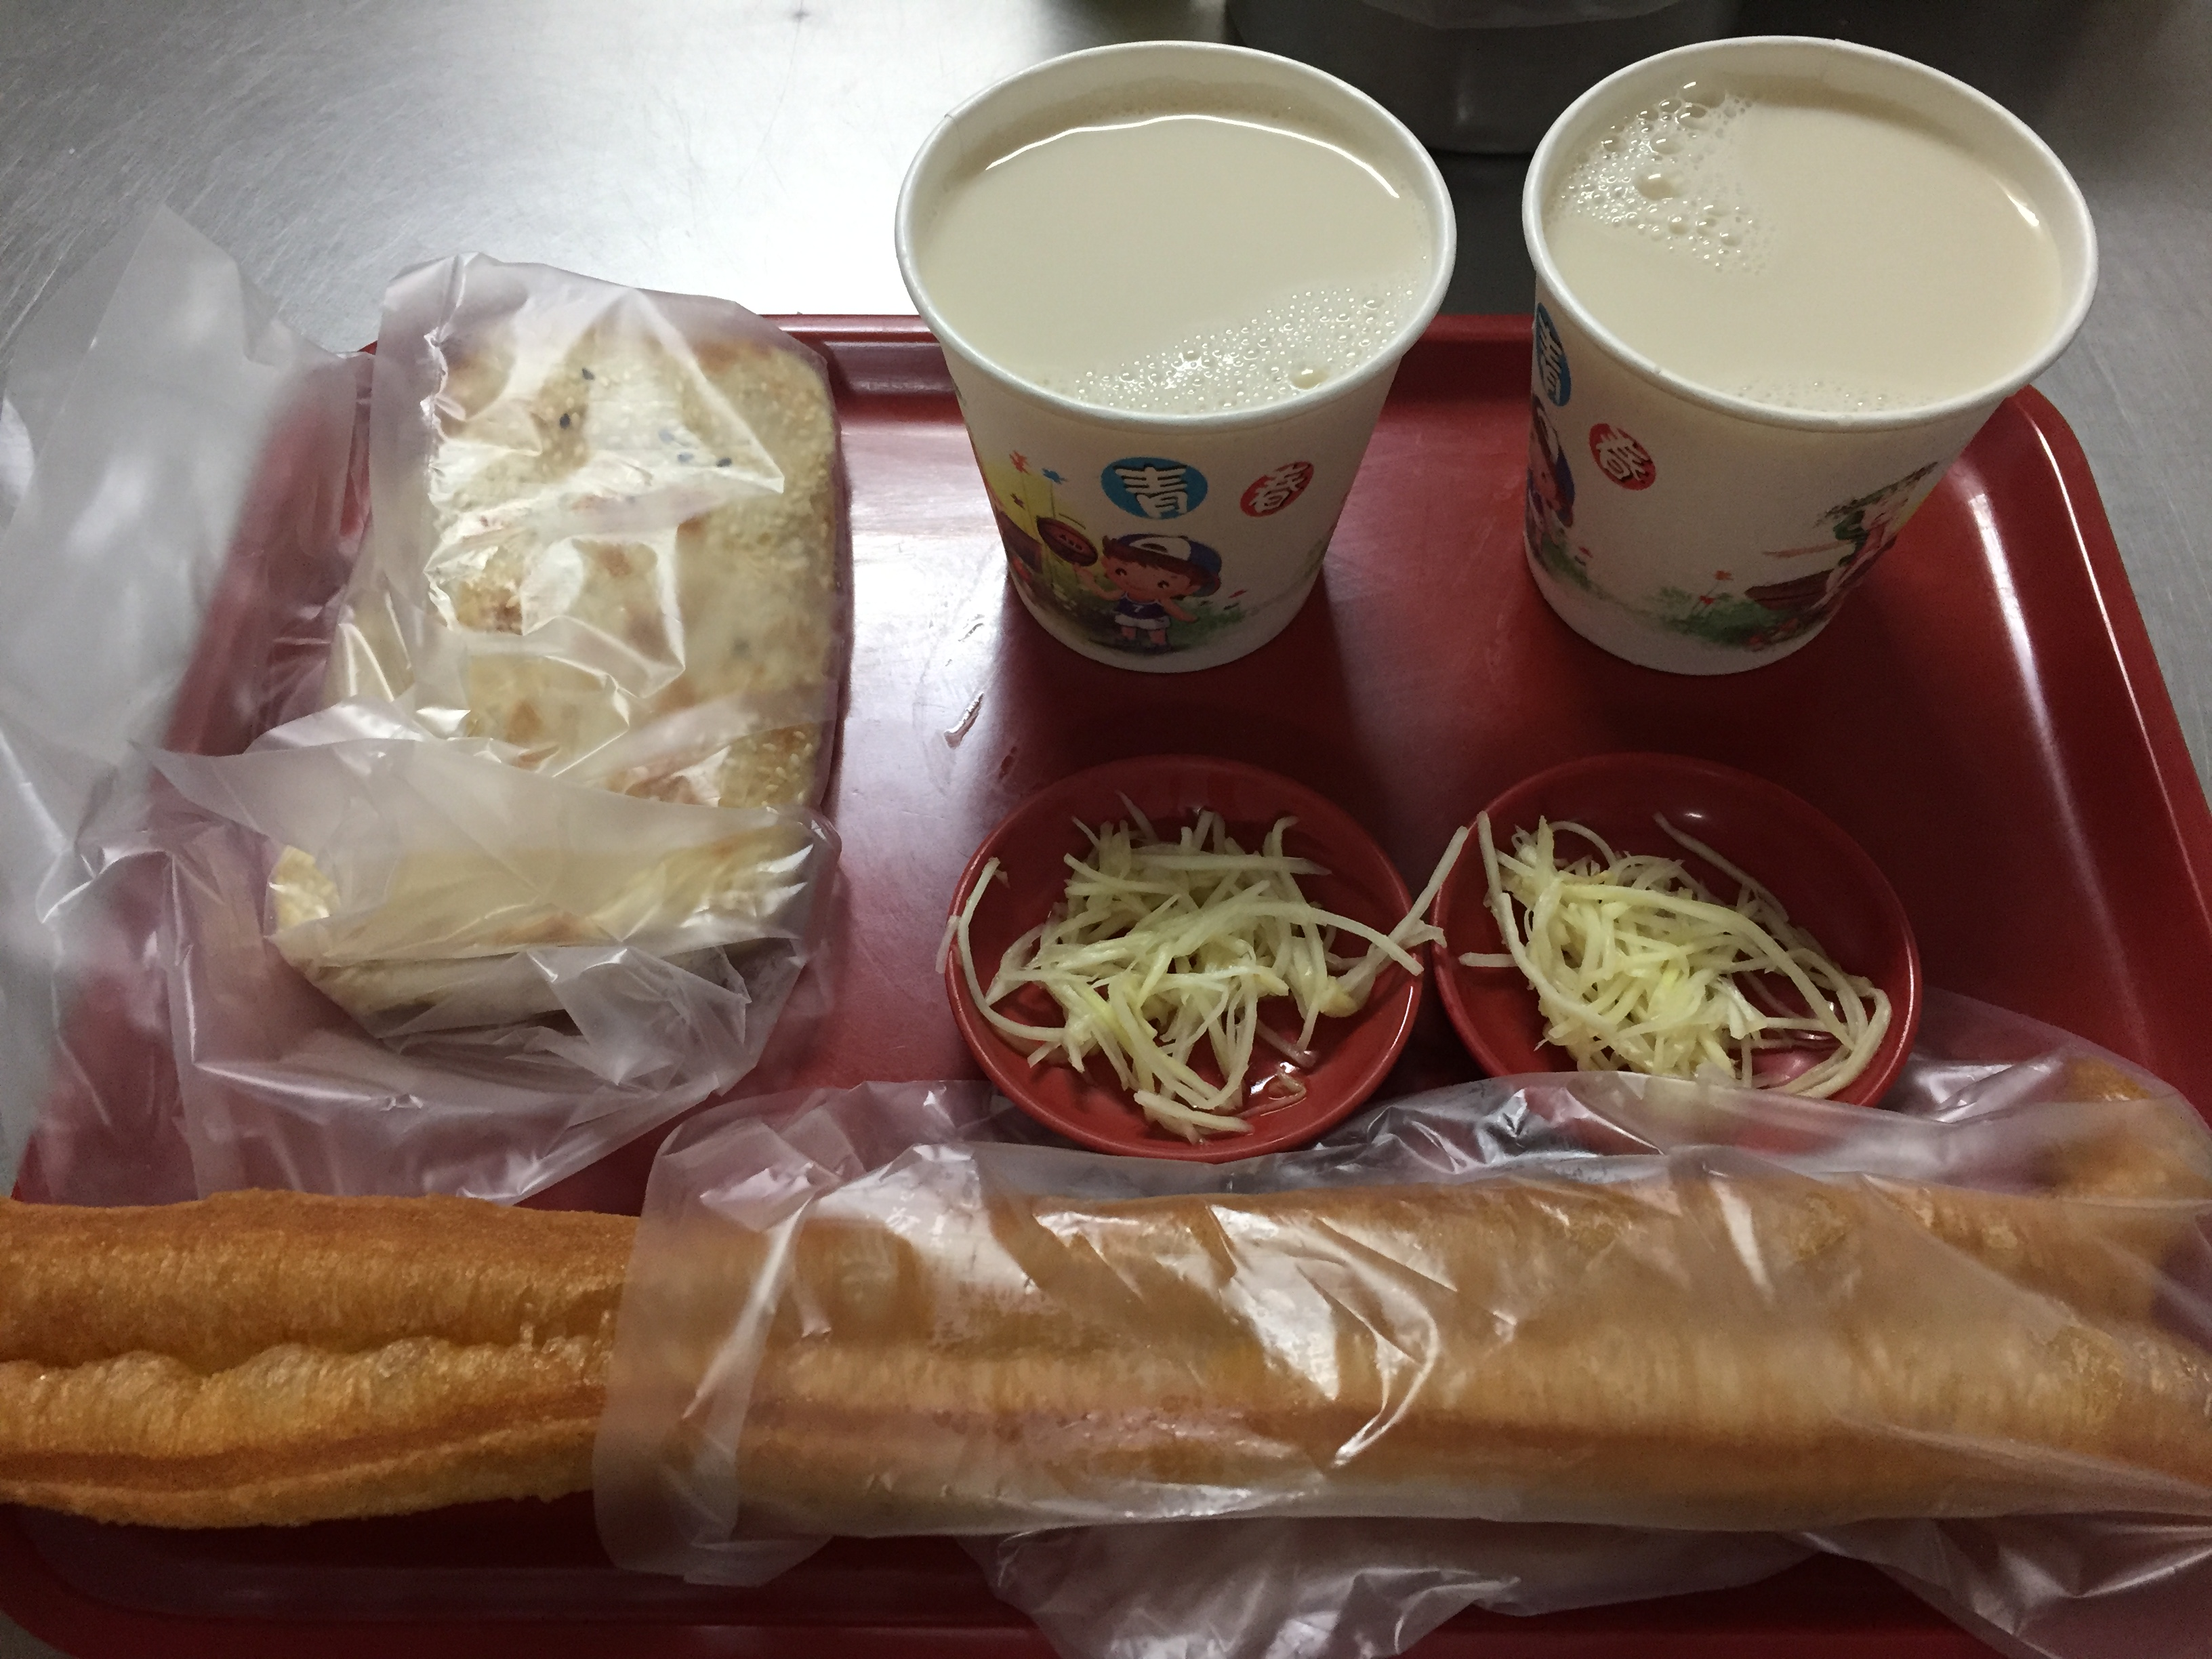 [대만먹방 2-37] 두유와 빵과 무떡, 대만식 아침식사